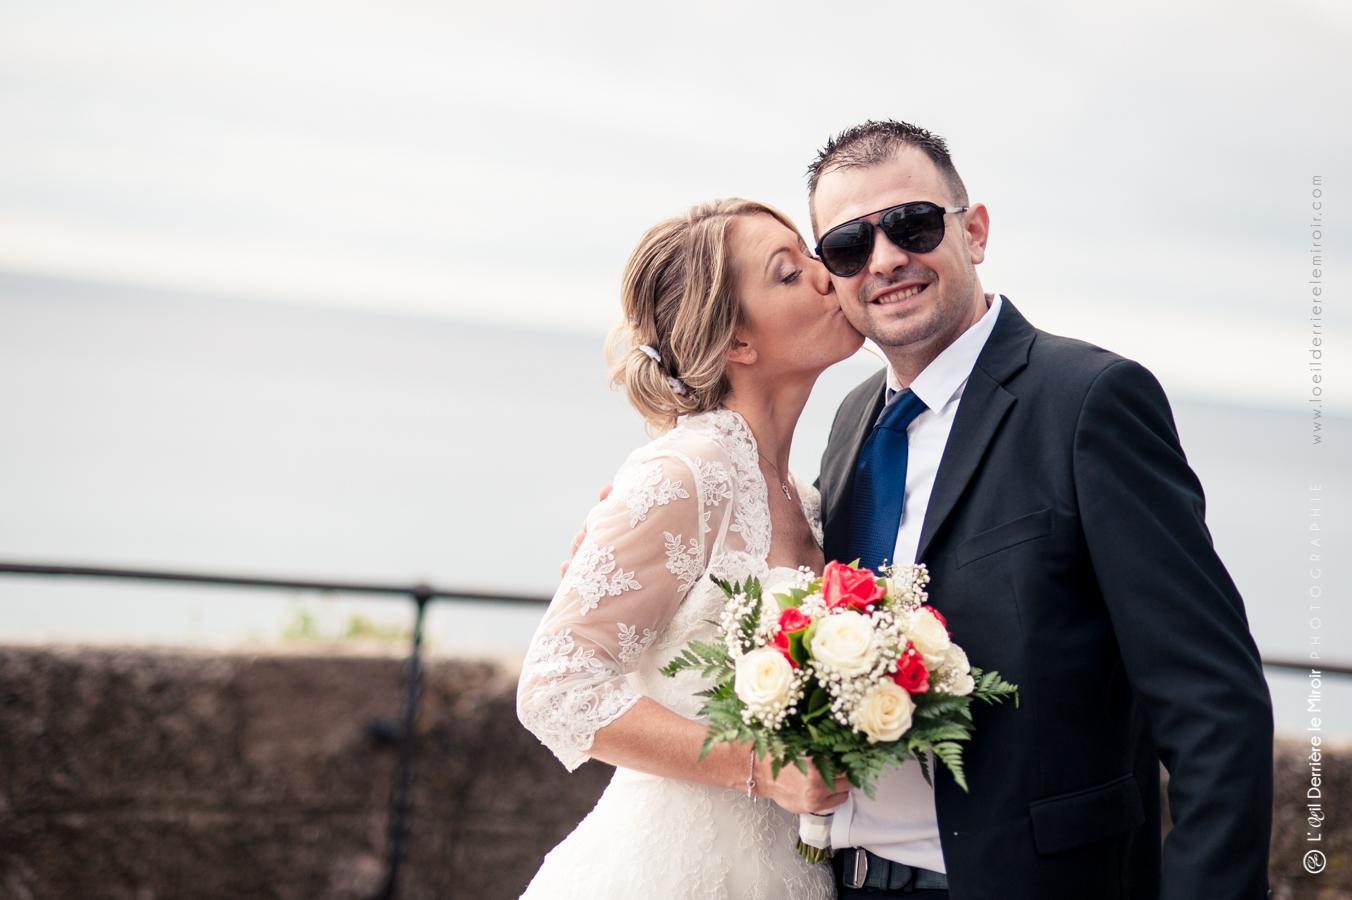 Photographe-mariage-monaco-loeilderrierelemiroir-016